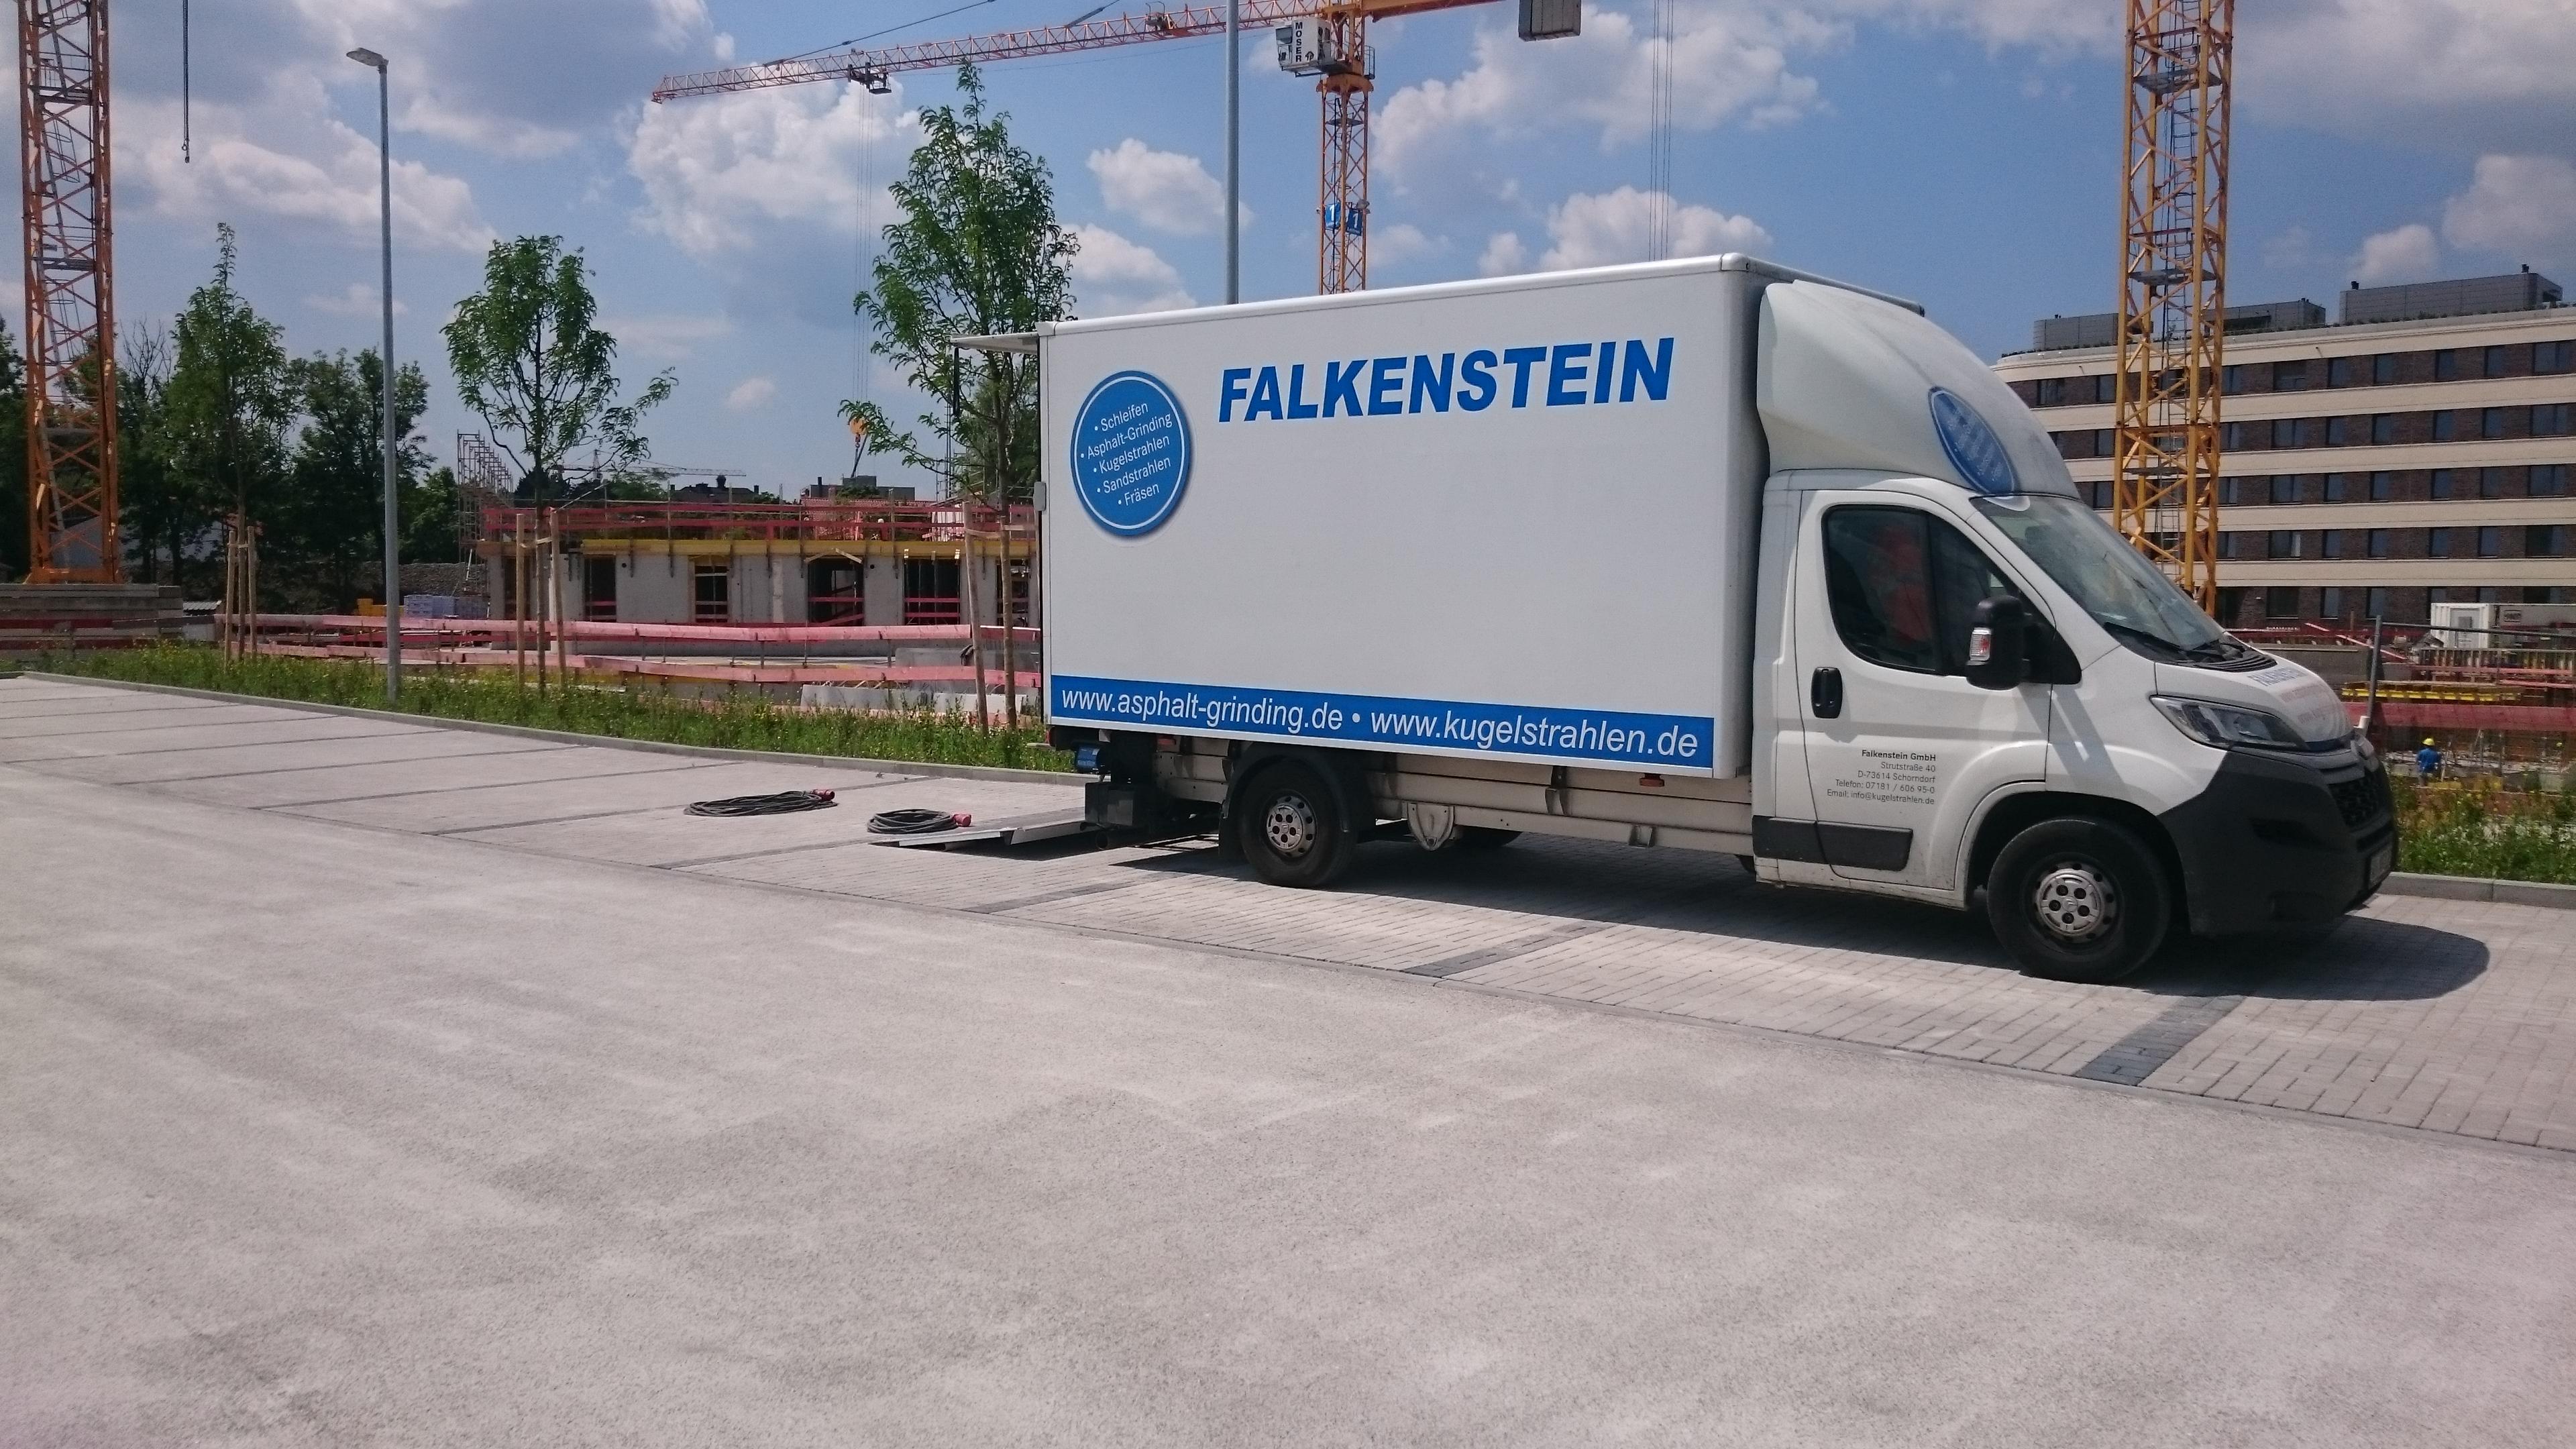 Falkenstein GmbH